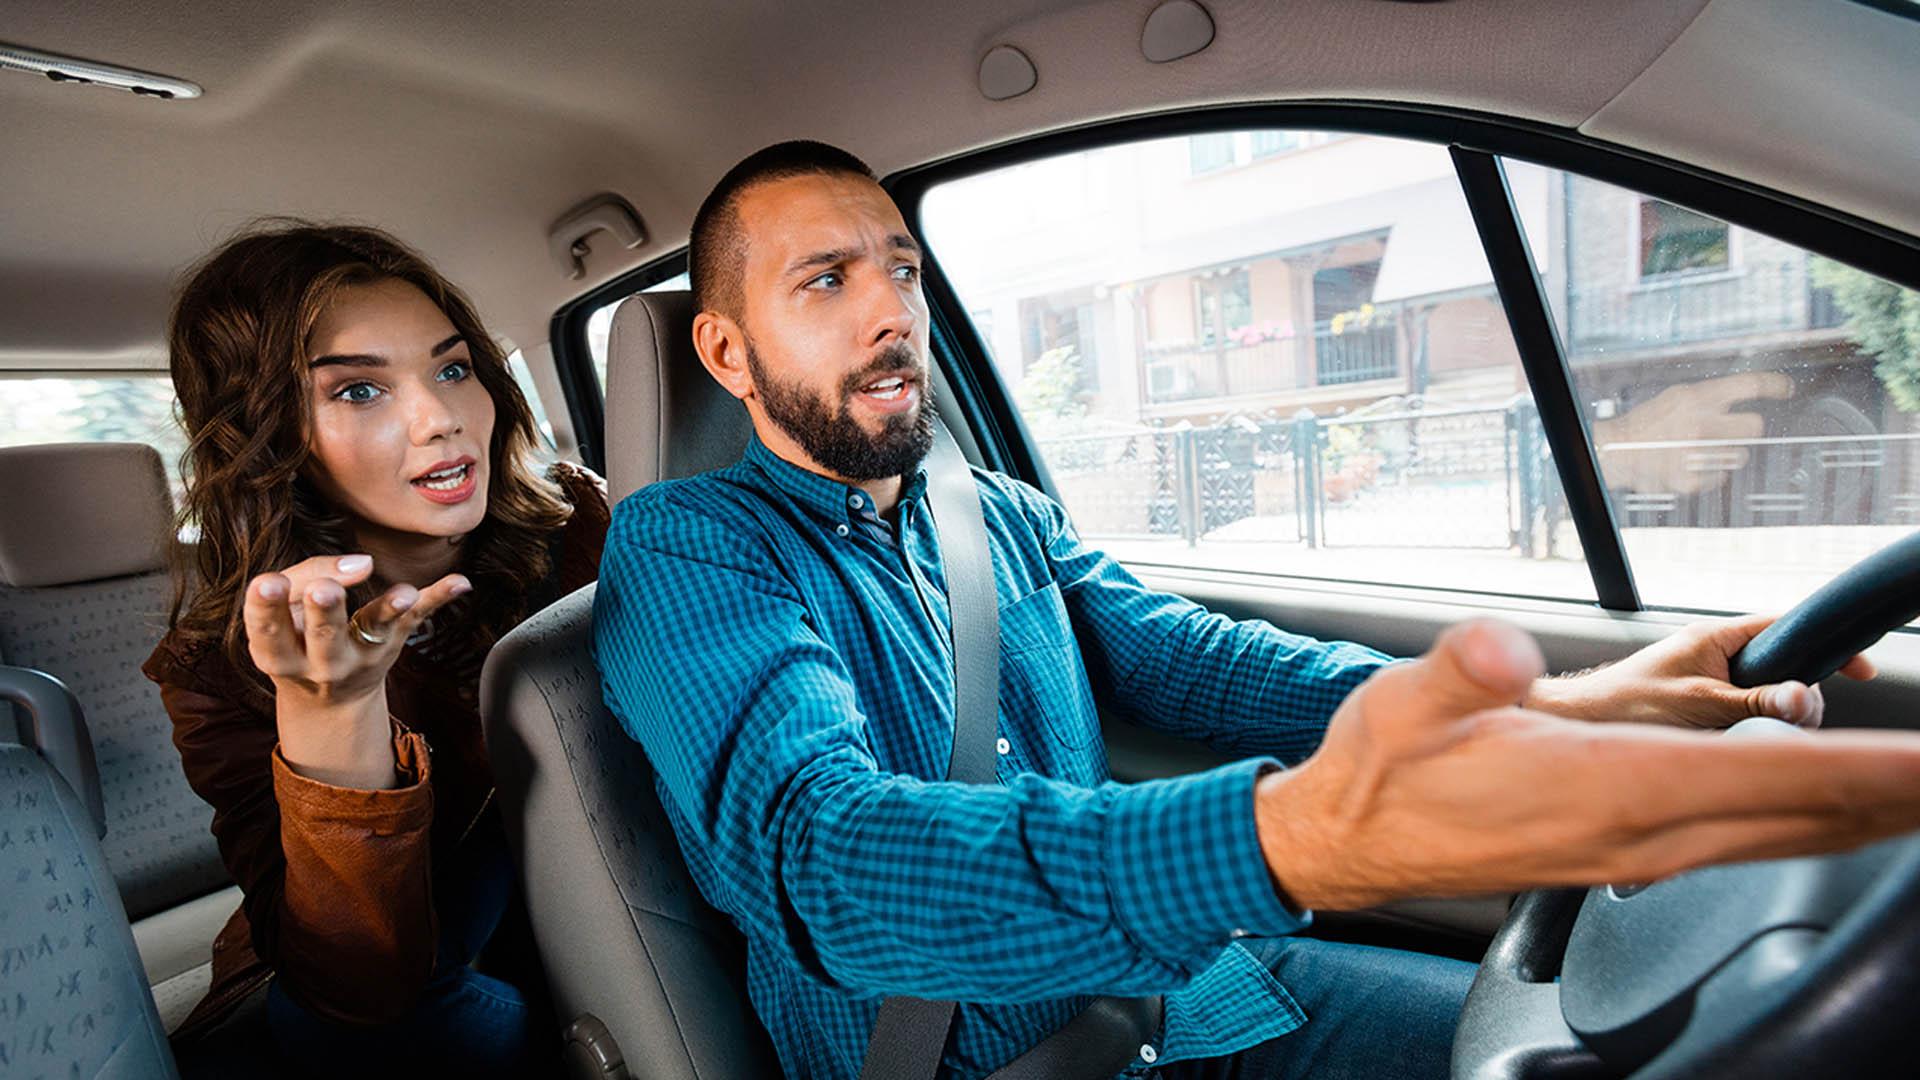 Кодекс этики для легковых такси должен учитывать интересы и водителей, и пассажиров